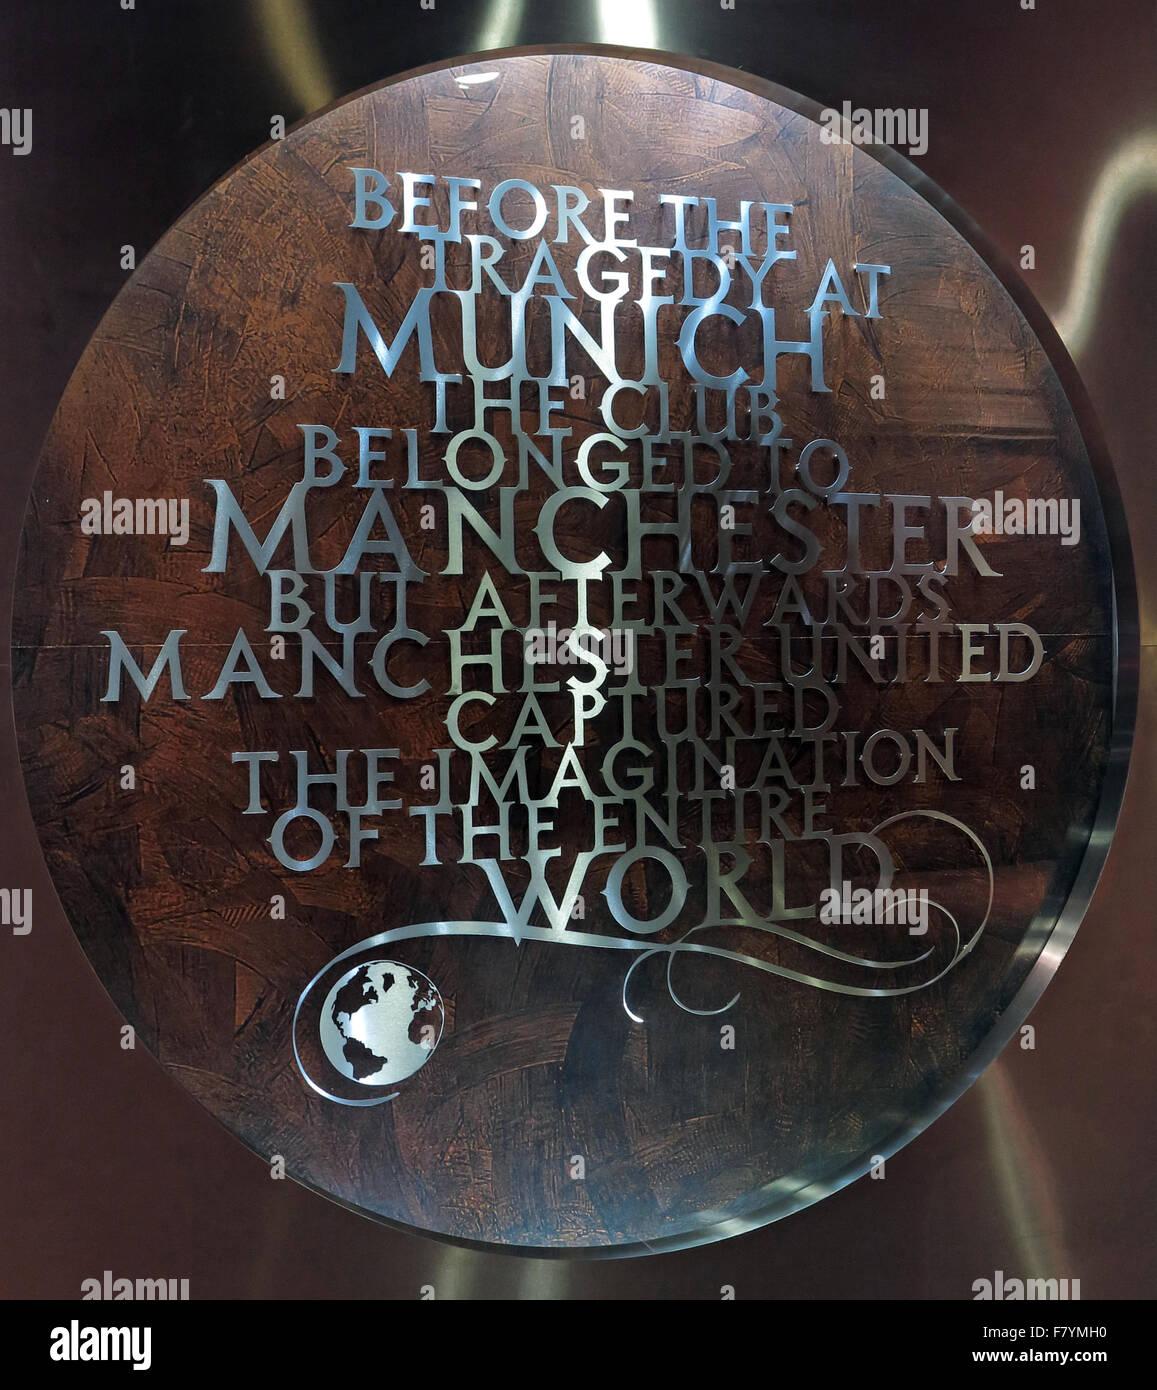 Laden Sie dieses Alamy Stockfoto MUFC, München-Denkmal, Old Trafford, Manchester United, England, UK. Vor der Tragödie in München gehörte der Verein Manchester - F7YMH0